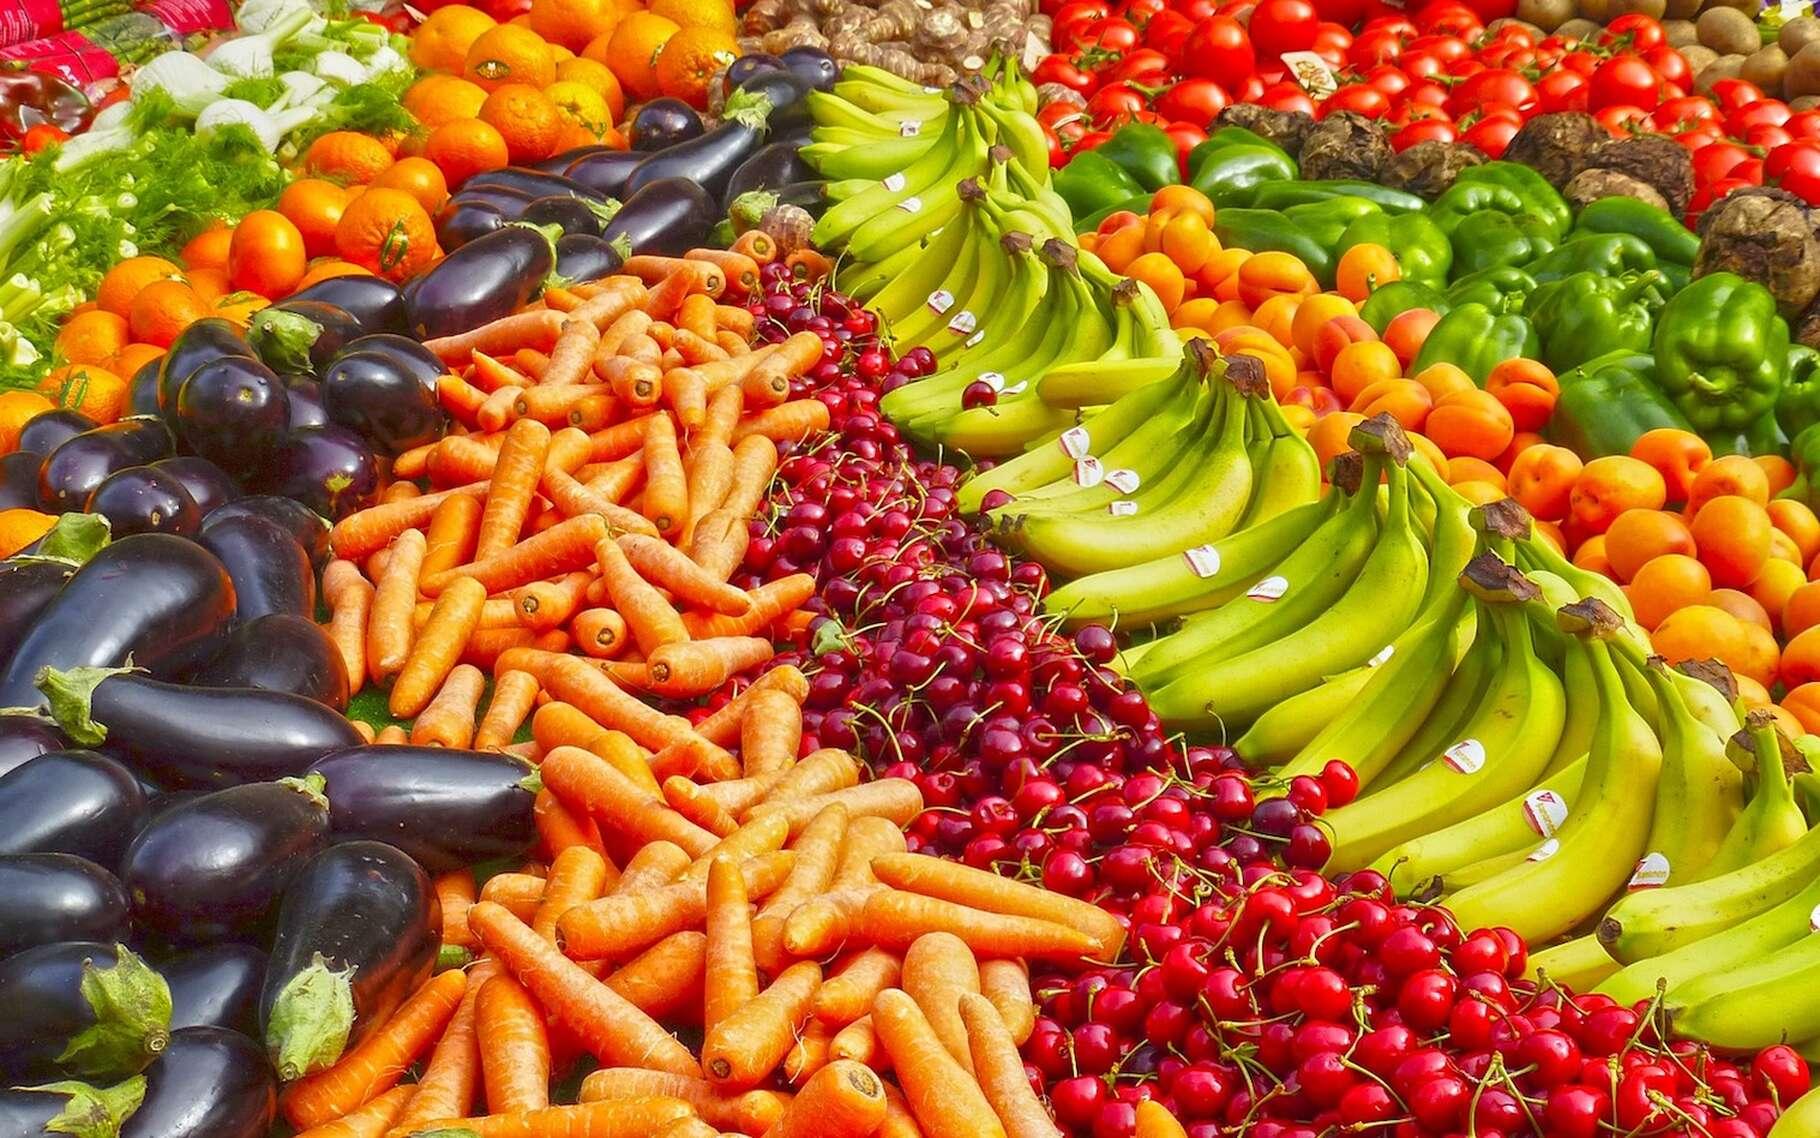 Selon des chercheurs, les épluchures de fruits et de légumes pourraient être d'une grande aide pour purifier l'eau. © gavilla, Pixabay, CC0 Creative Commons